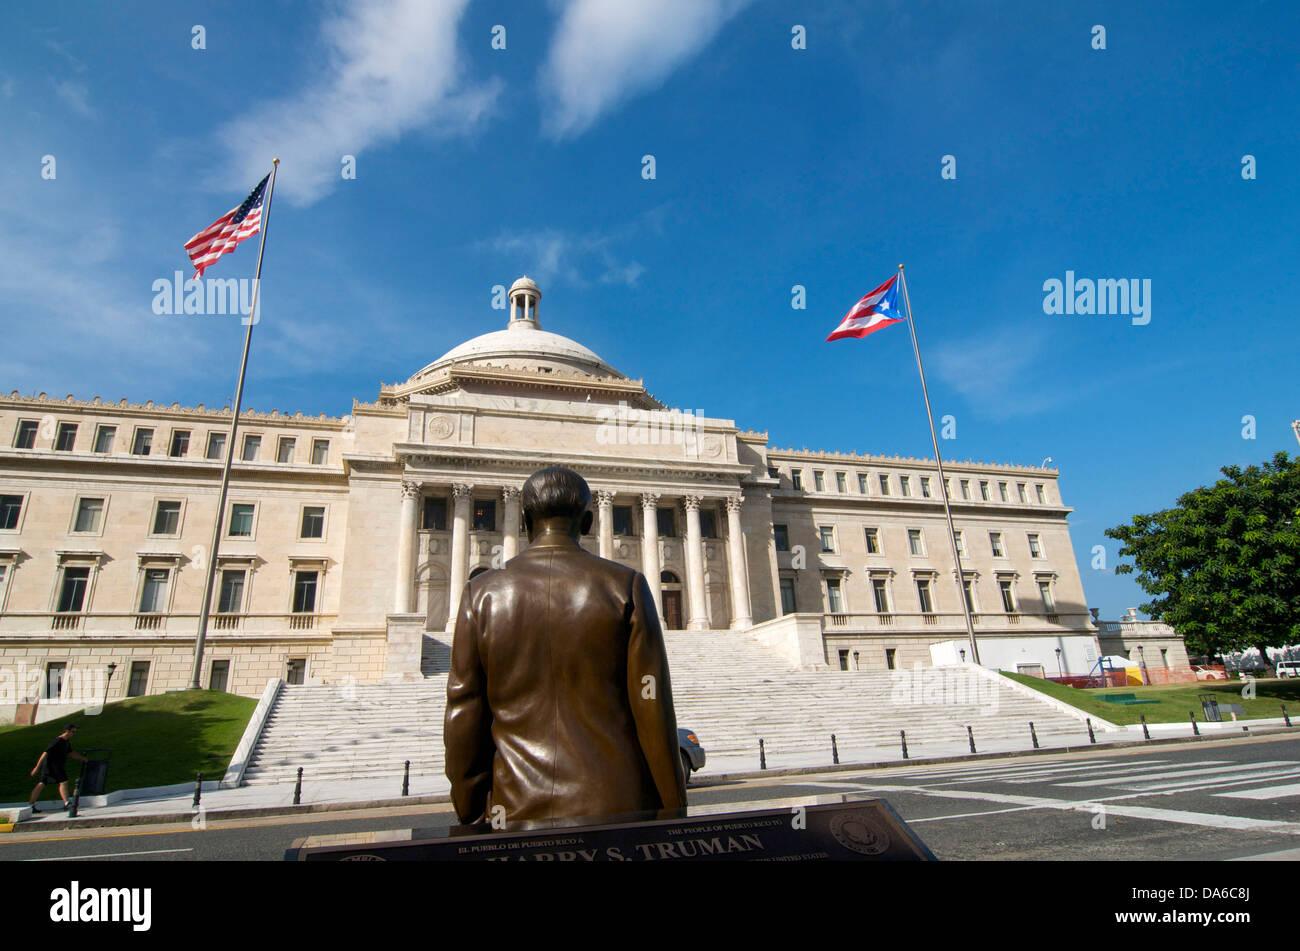 Puerto Rico, Caraibi, Antille Maggiori, Antille, Capitol, il governo, la costruzione, la costruzione, l'architettura, Immagini Stock